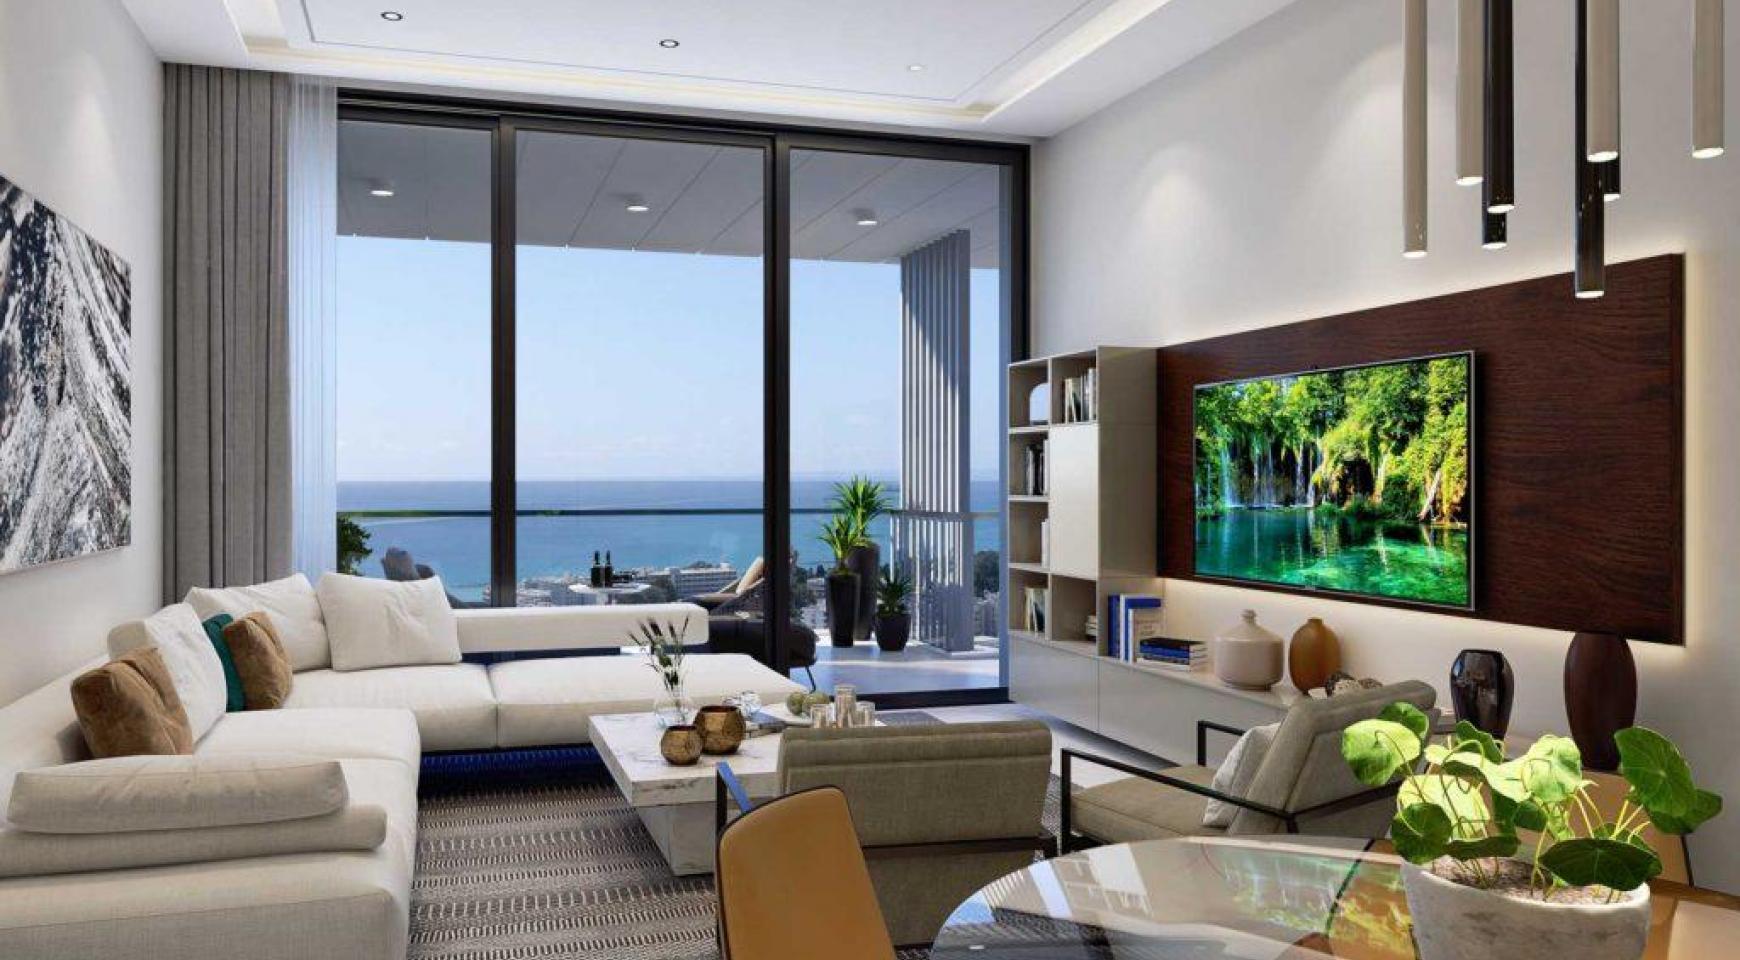 Современная 3-Спасльная Квартира с Видом на Море в Элитном Комплексе - 4